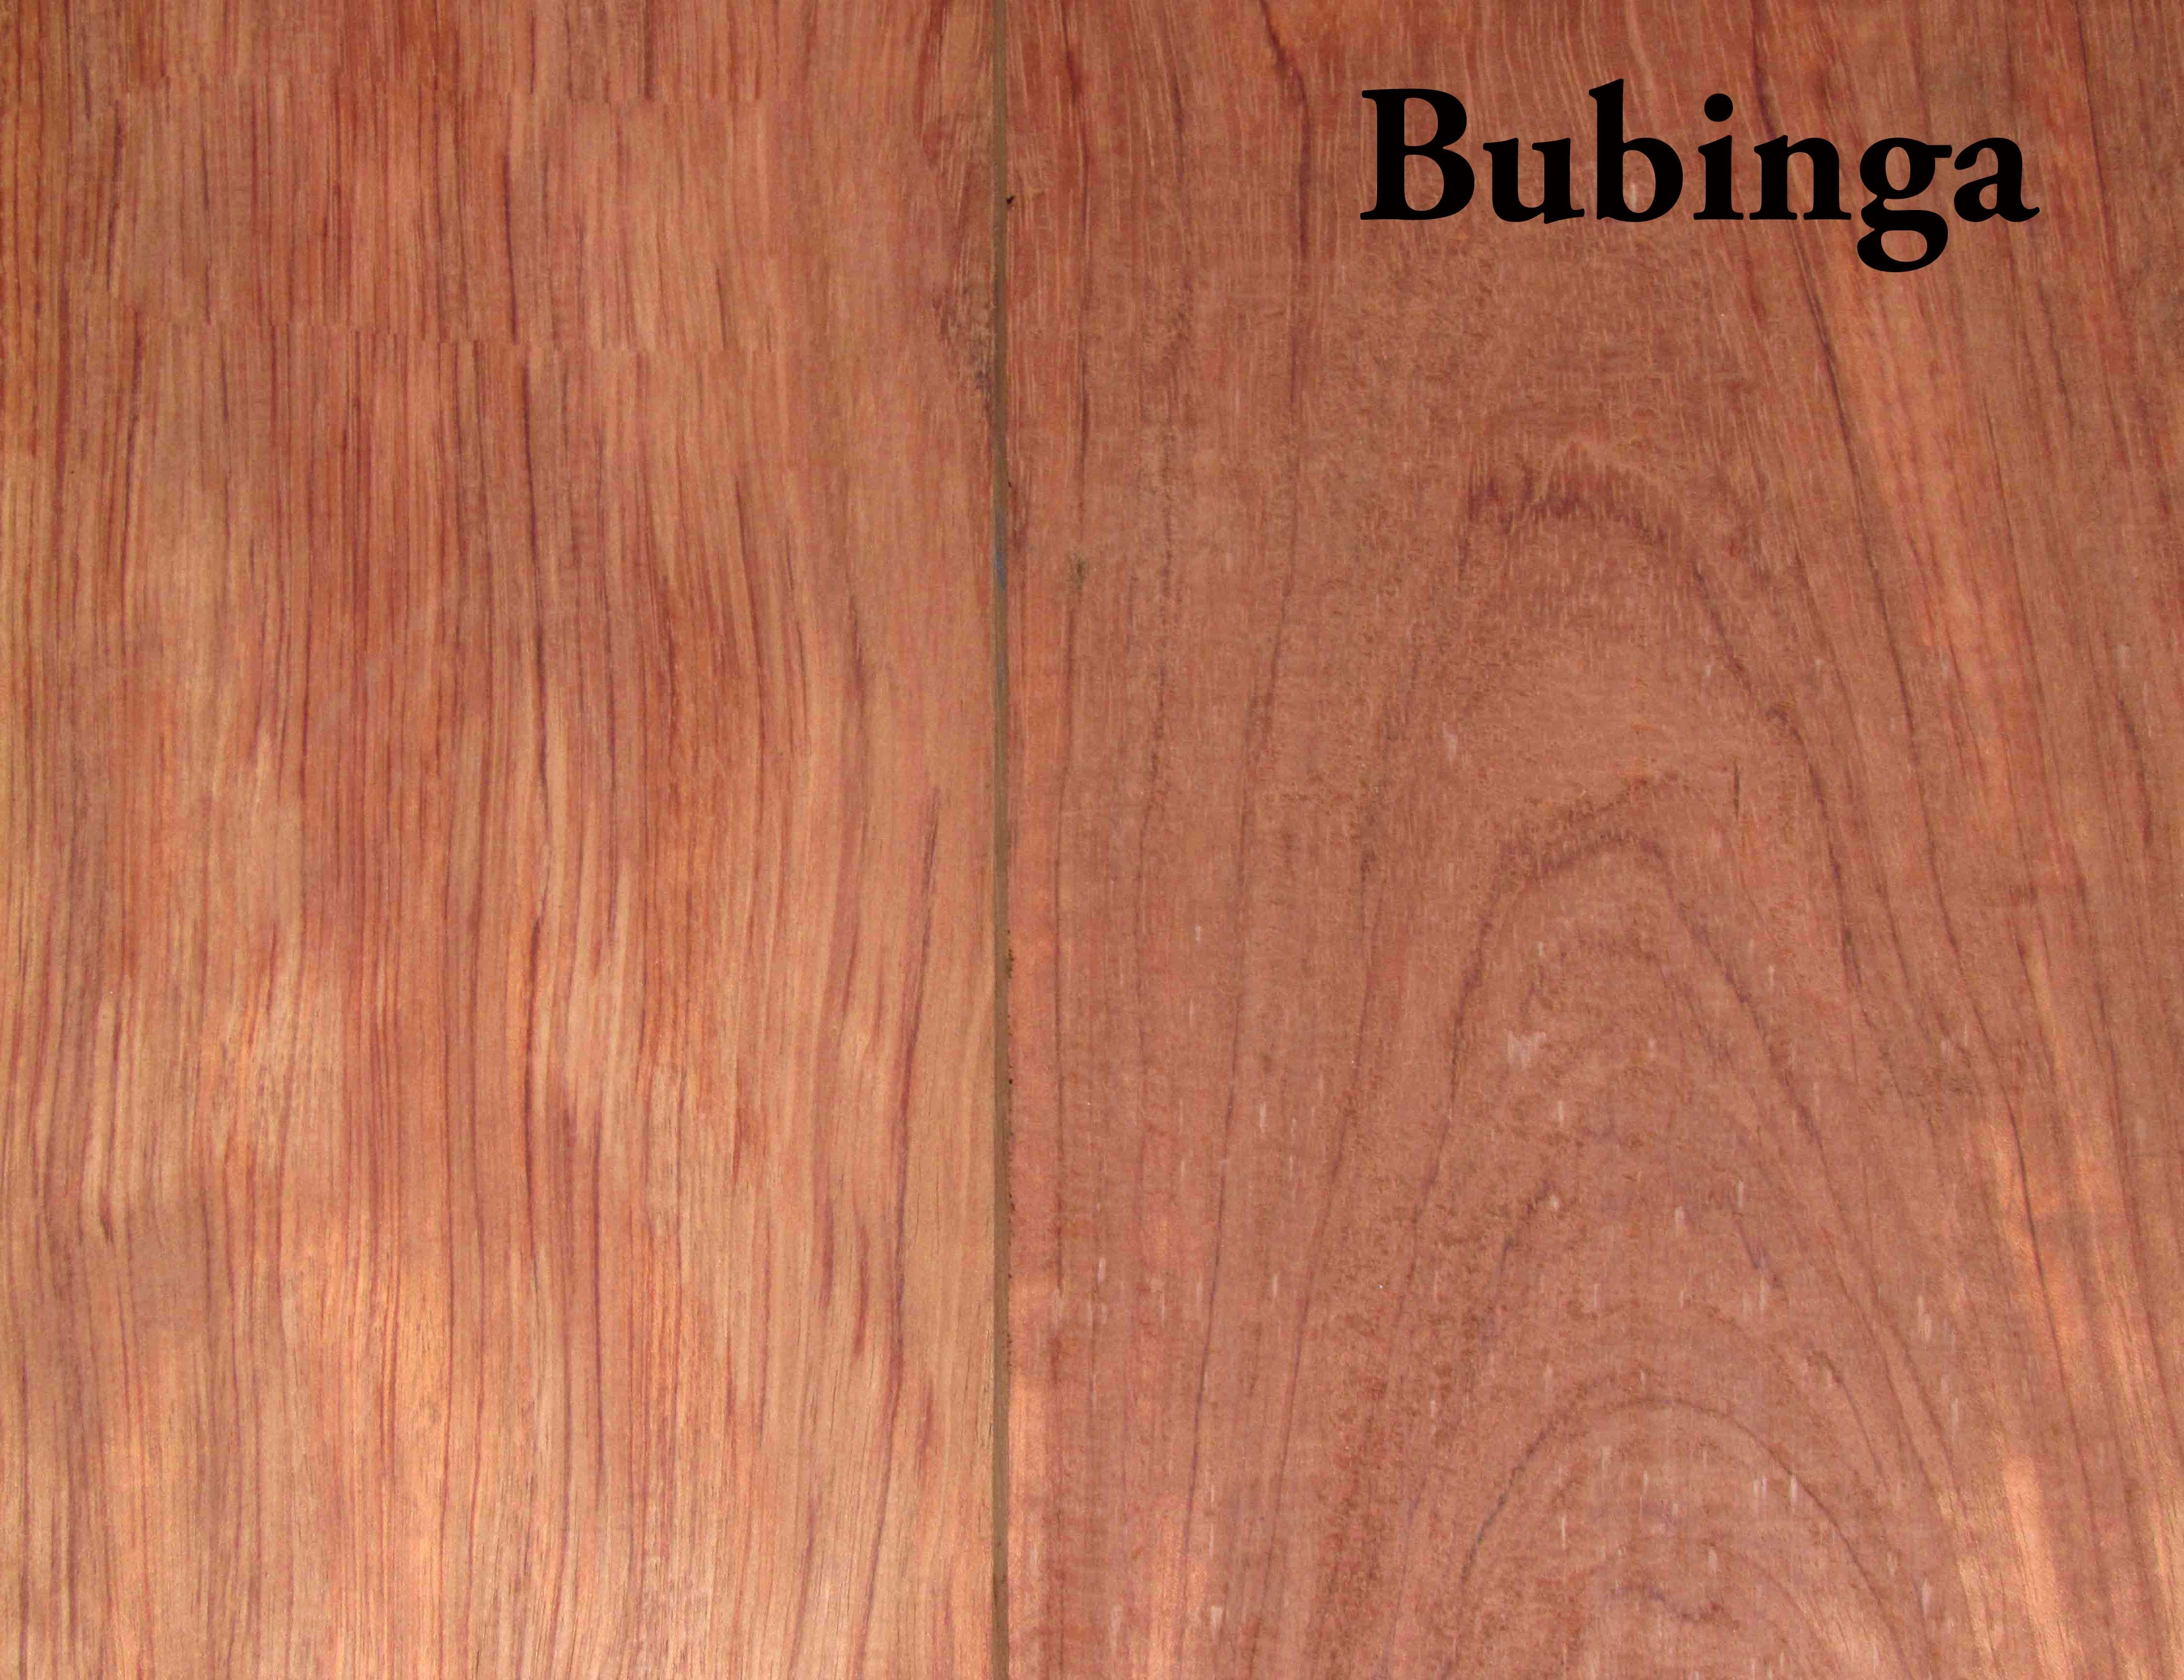 Bubinga Hardwood S4s Capitol City Lumber